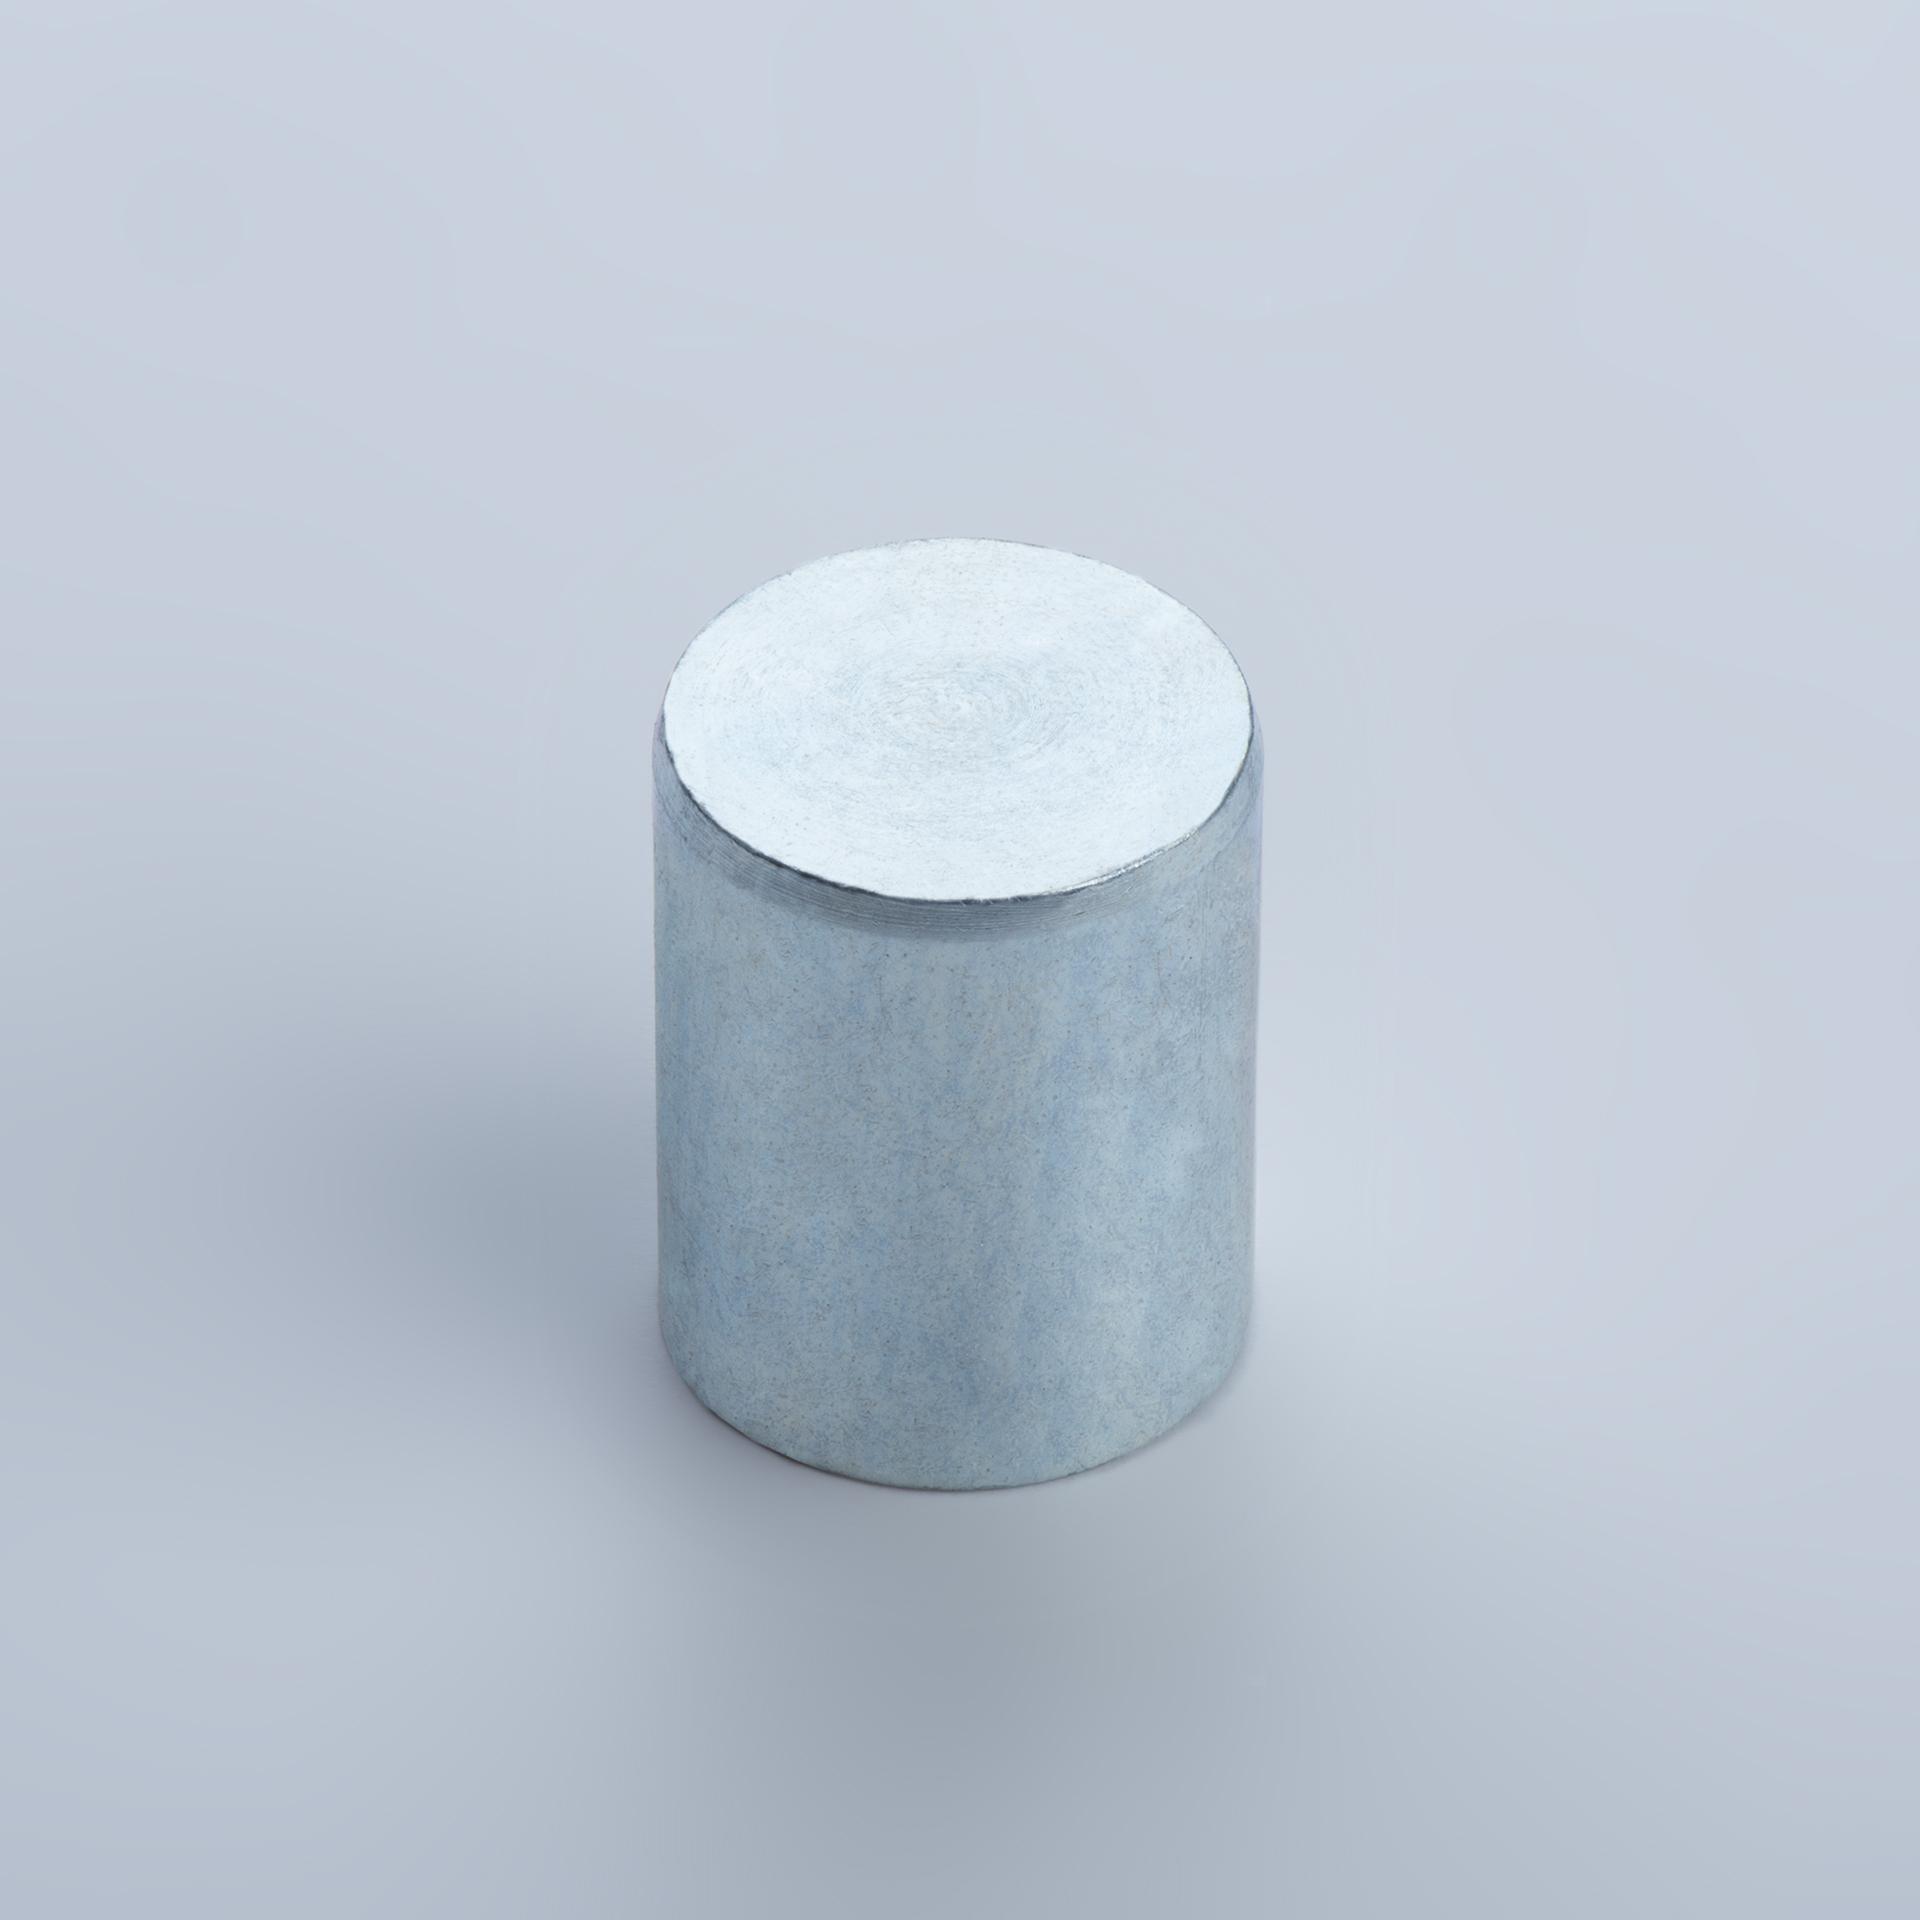 Stabgreifer aus AlNiCo, Stahlgehäuse mit Passungstoleranz h6, verzinkt, thyssenkrupp Magnettechnik